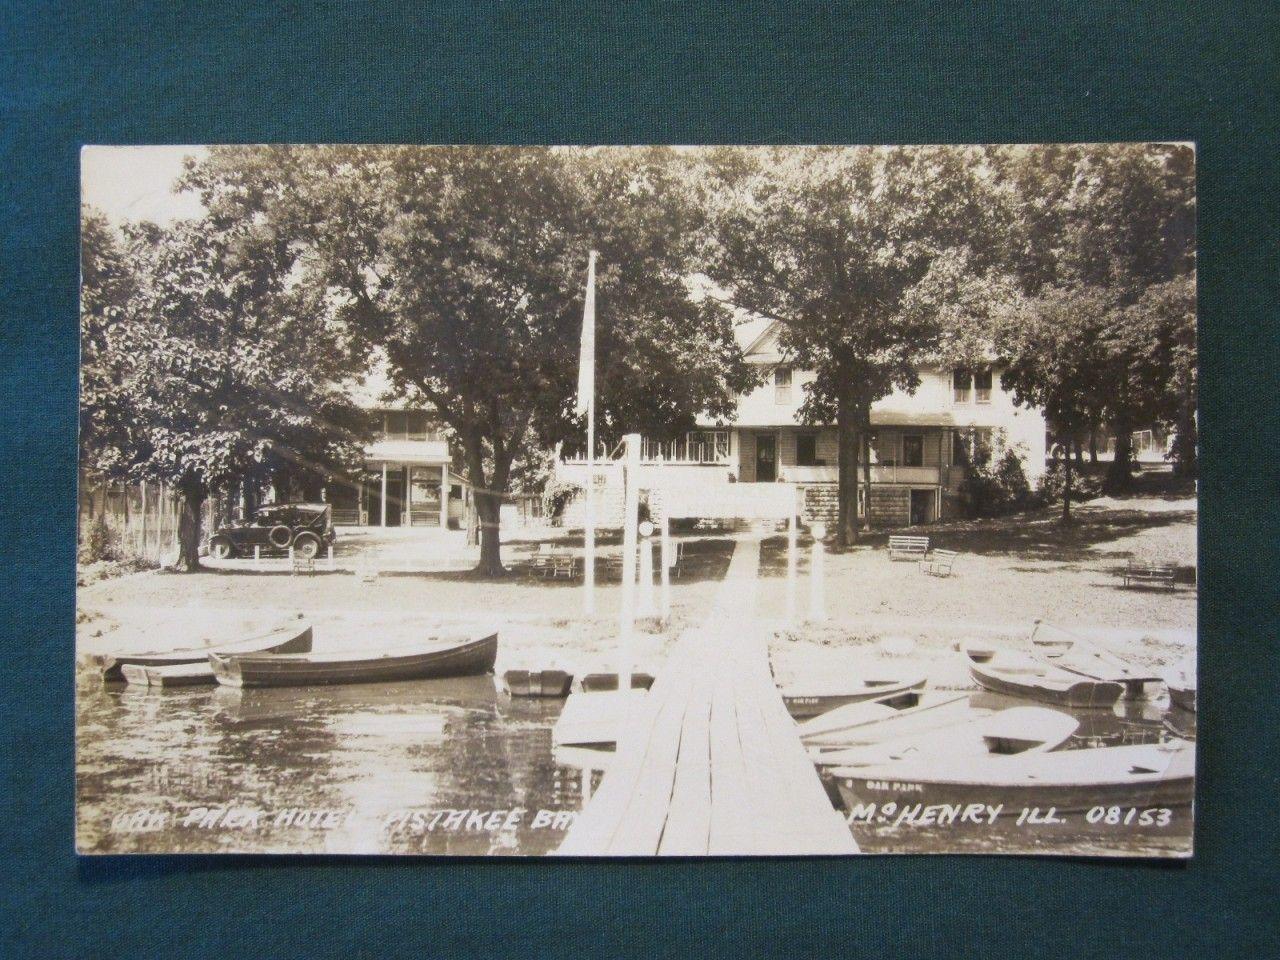 Helvitia Hotel On Pistakee Lake In Illinois